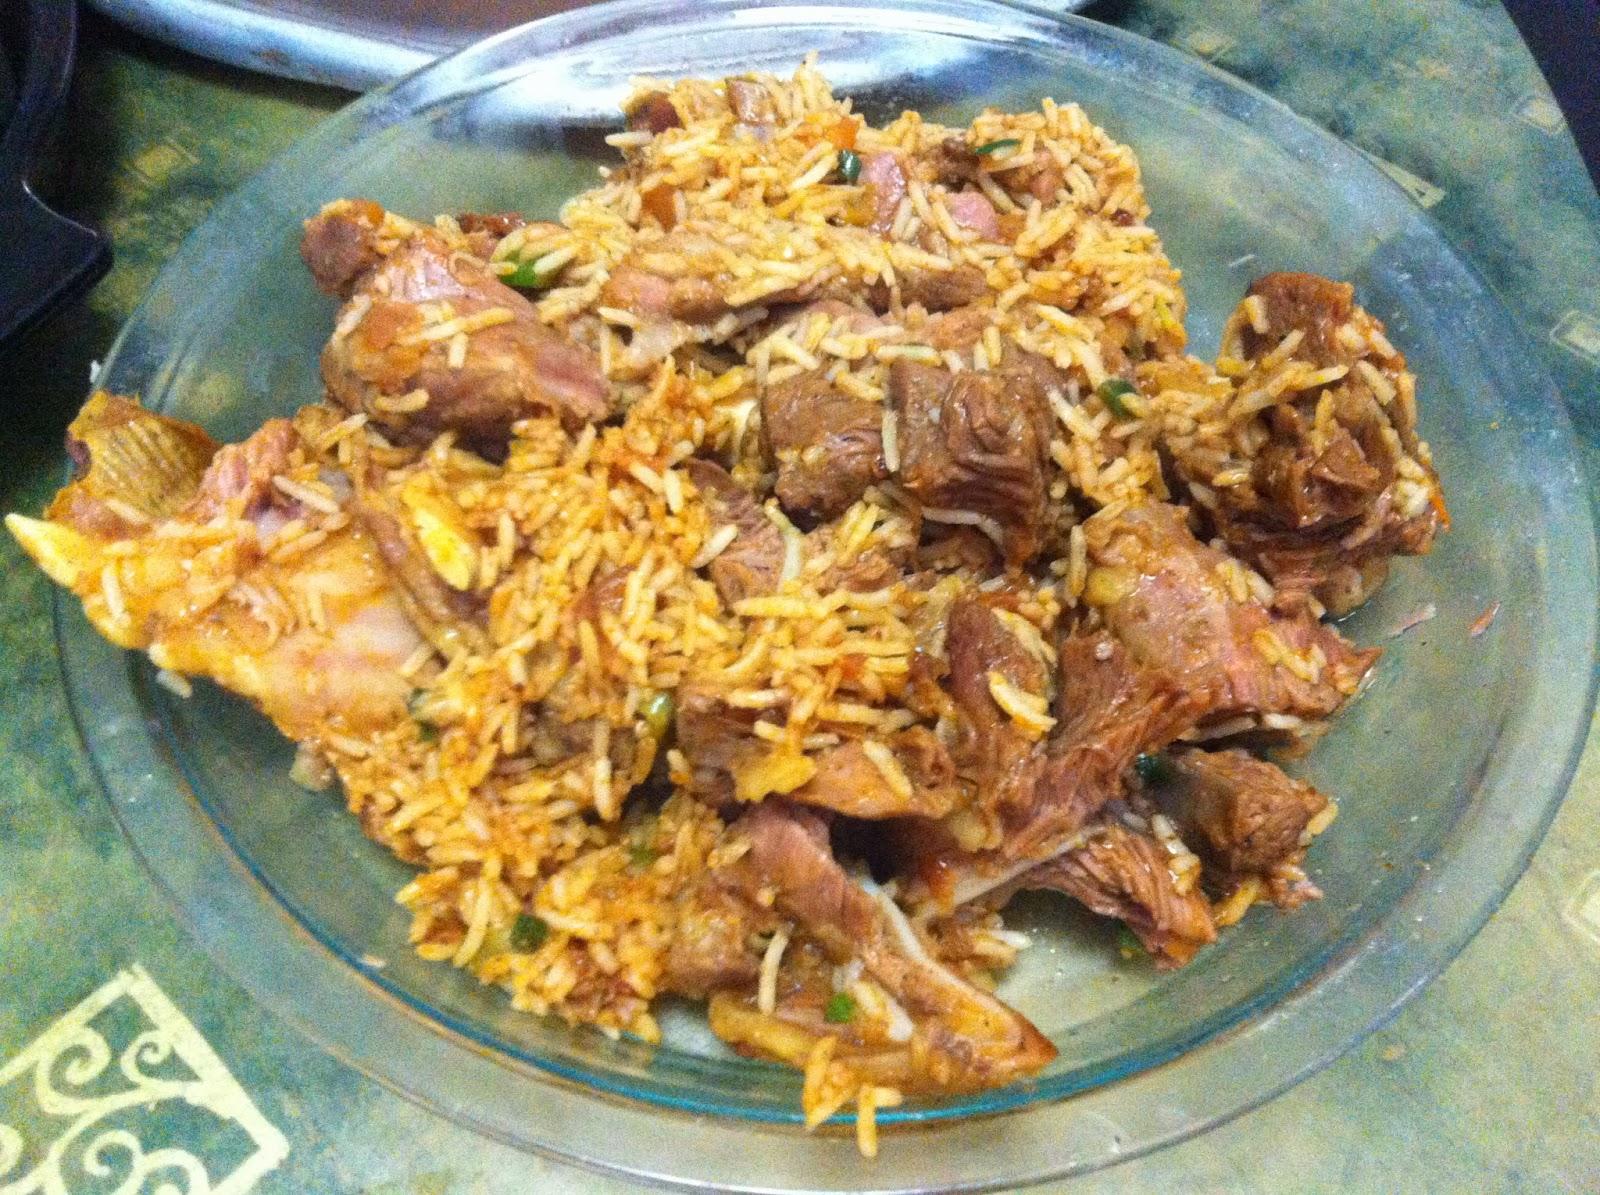 Yemeni Food. Globally.: October 2013